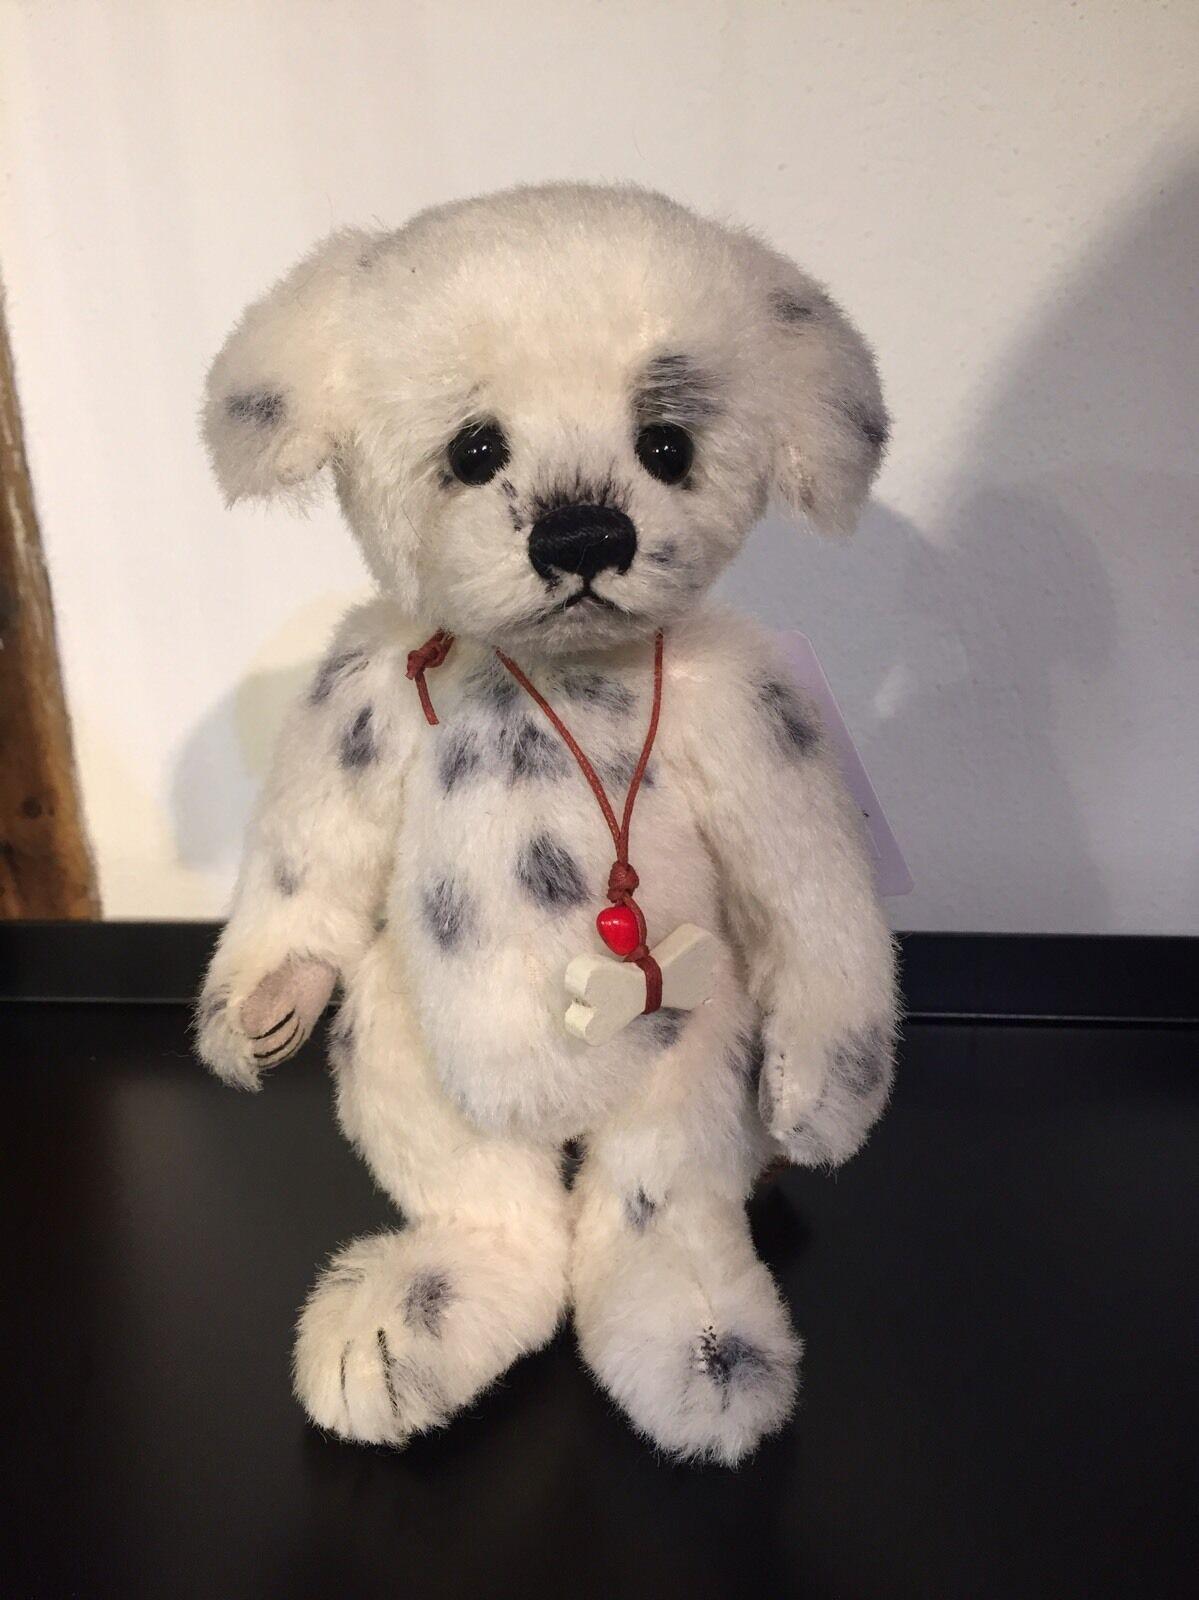 Charlie Bears 2016 Minimo Collection 'Polka Dot' dog Ltd Edition no307 BNWT+bag